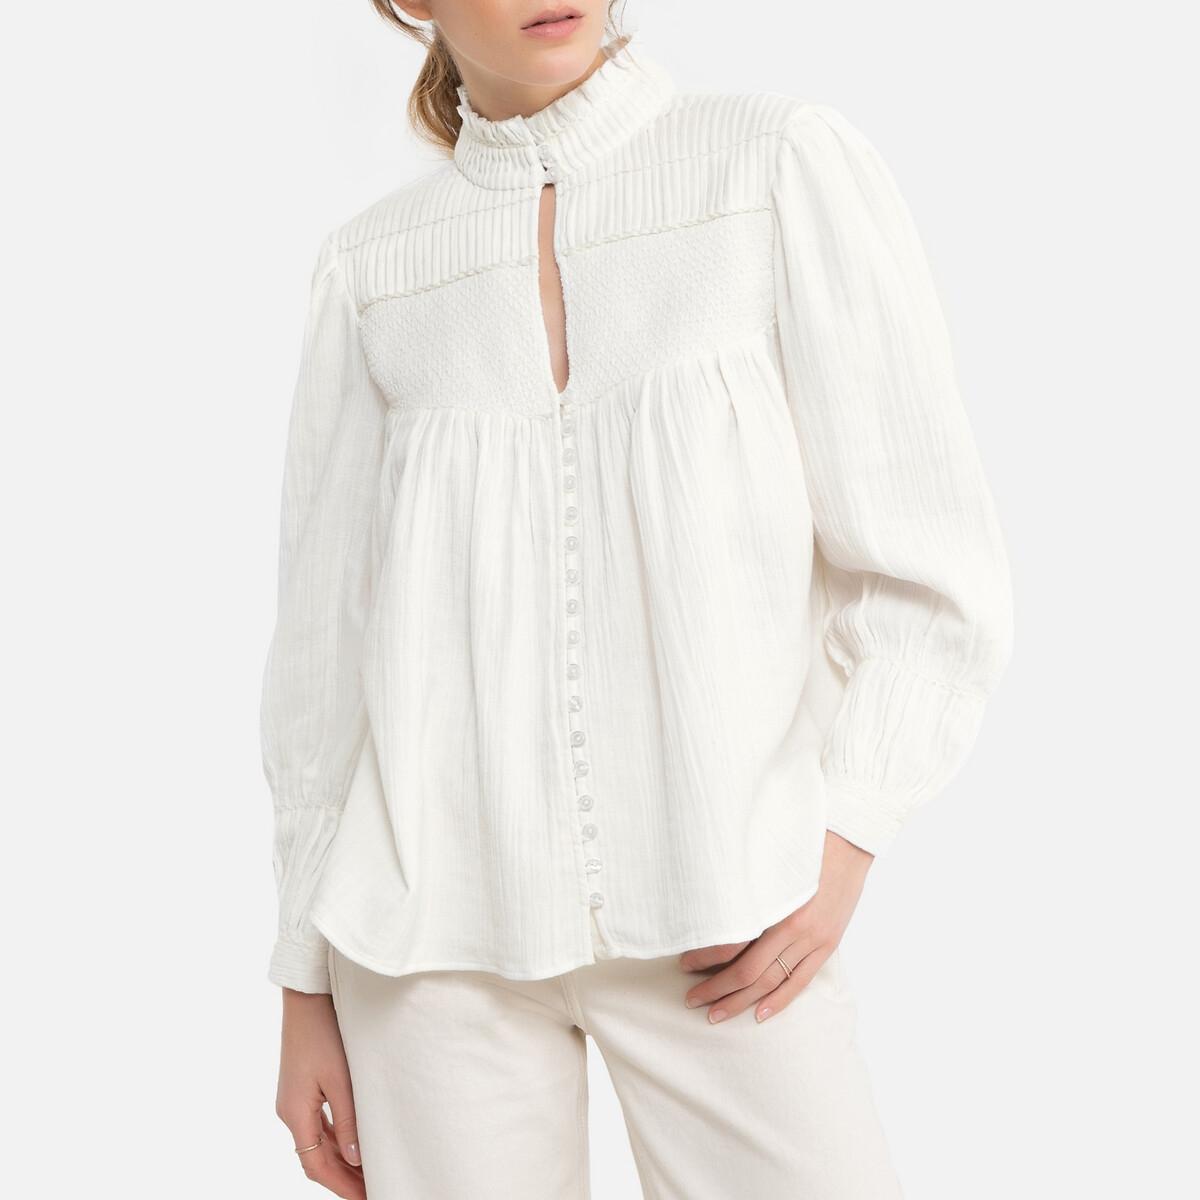 Блузка LaRedoute С V-образным вырезом и длинными рукавами 0(XS) бежевый рубашка laredoute с v образным вырезом и длинными рукавами 46 fr 52 rus бежевый